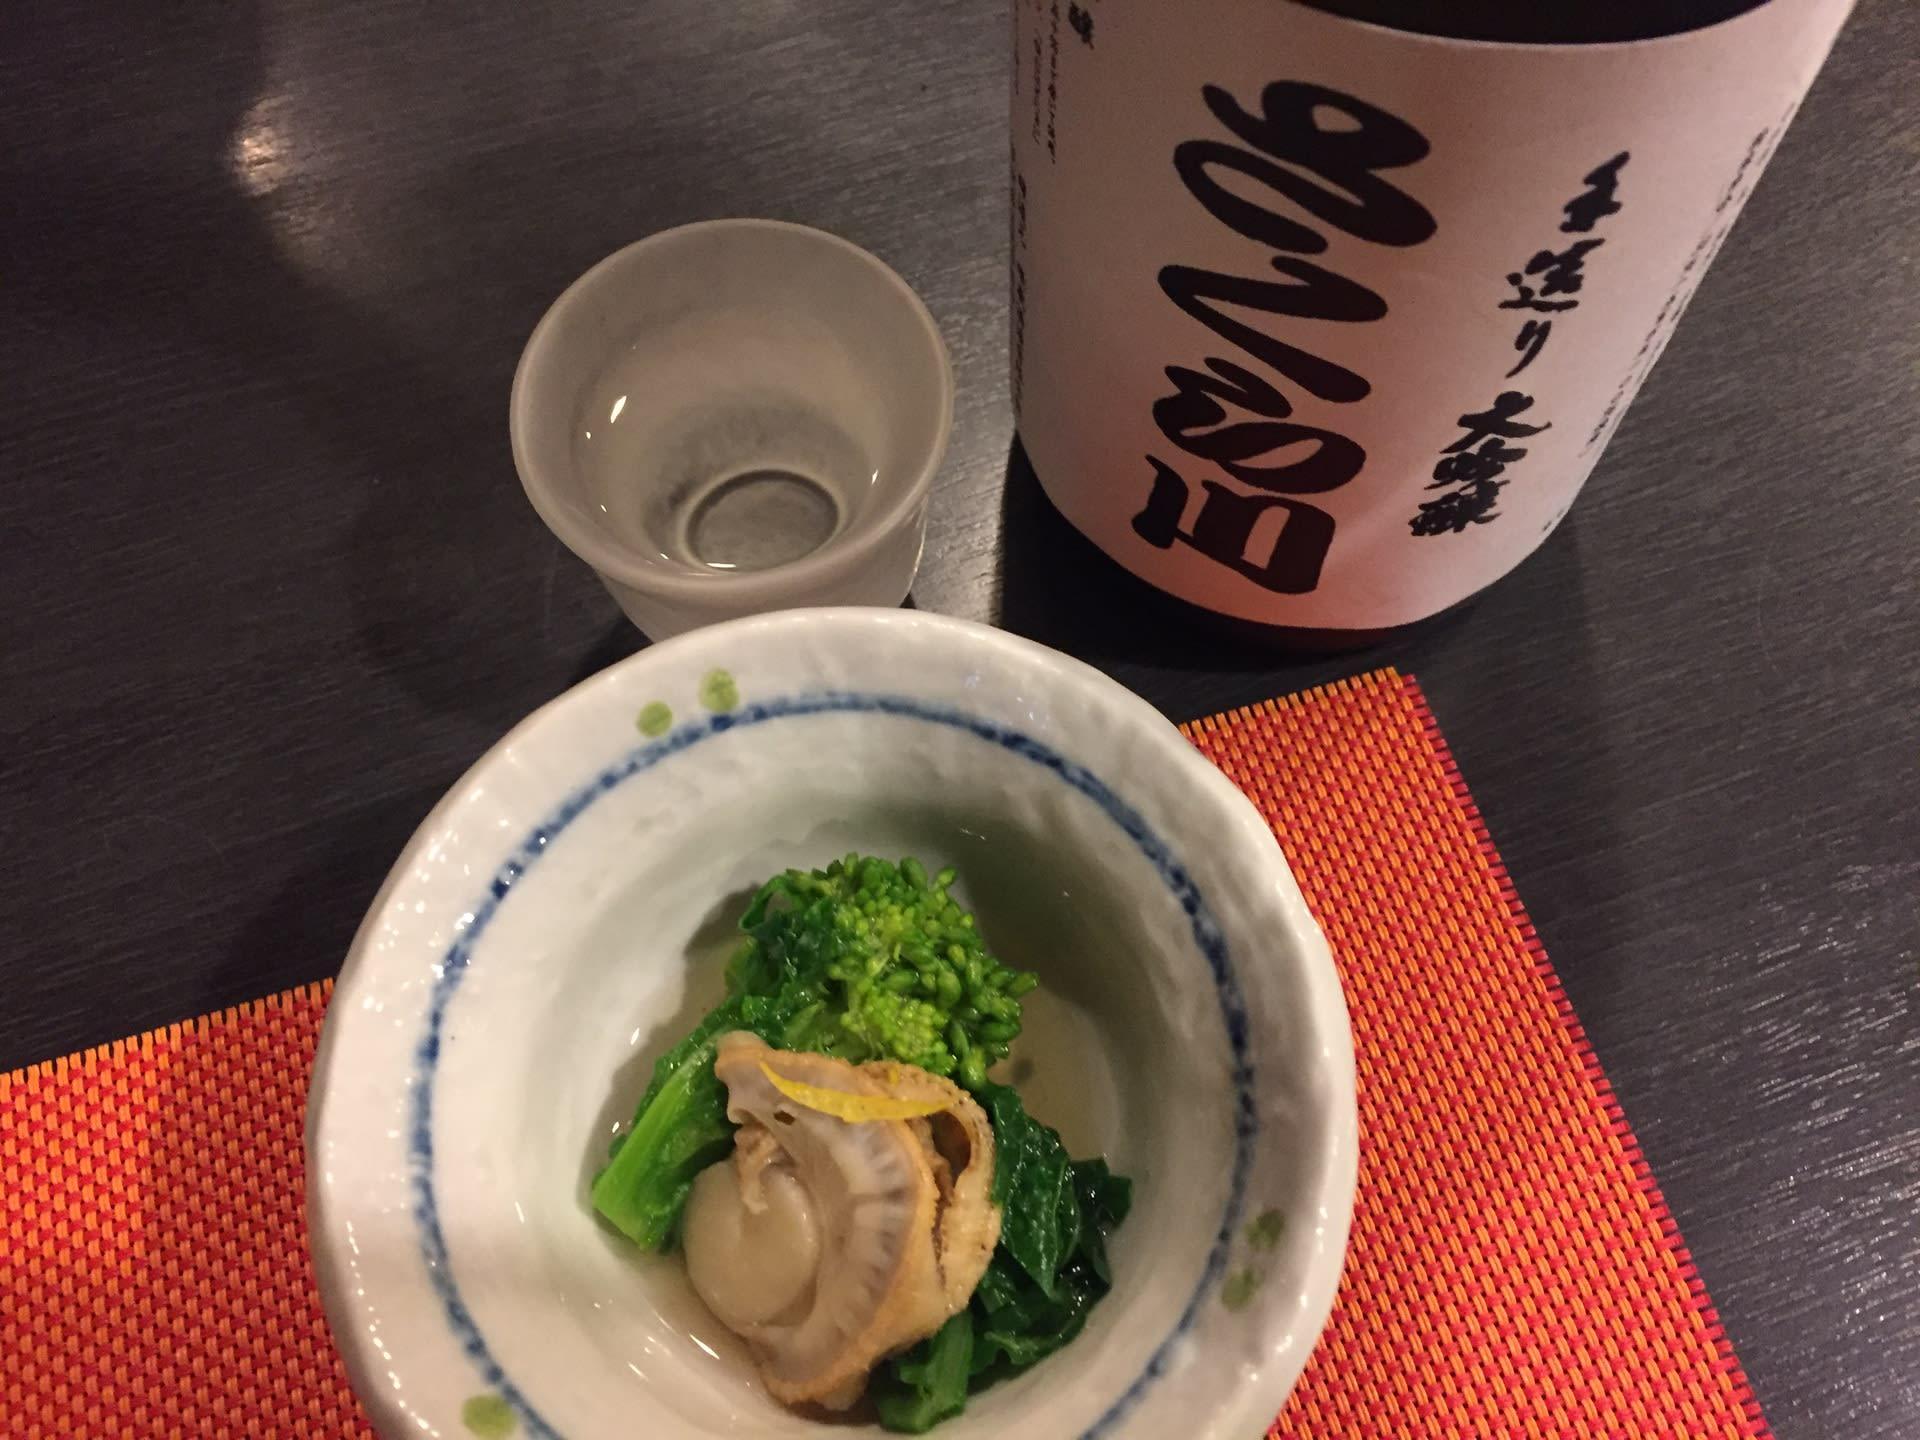 田吾作 - 水戸梅日記